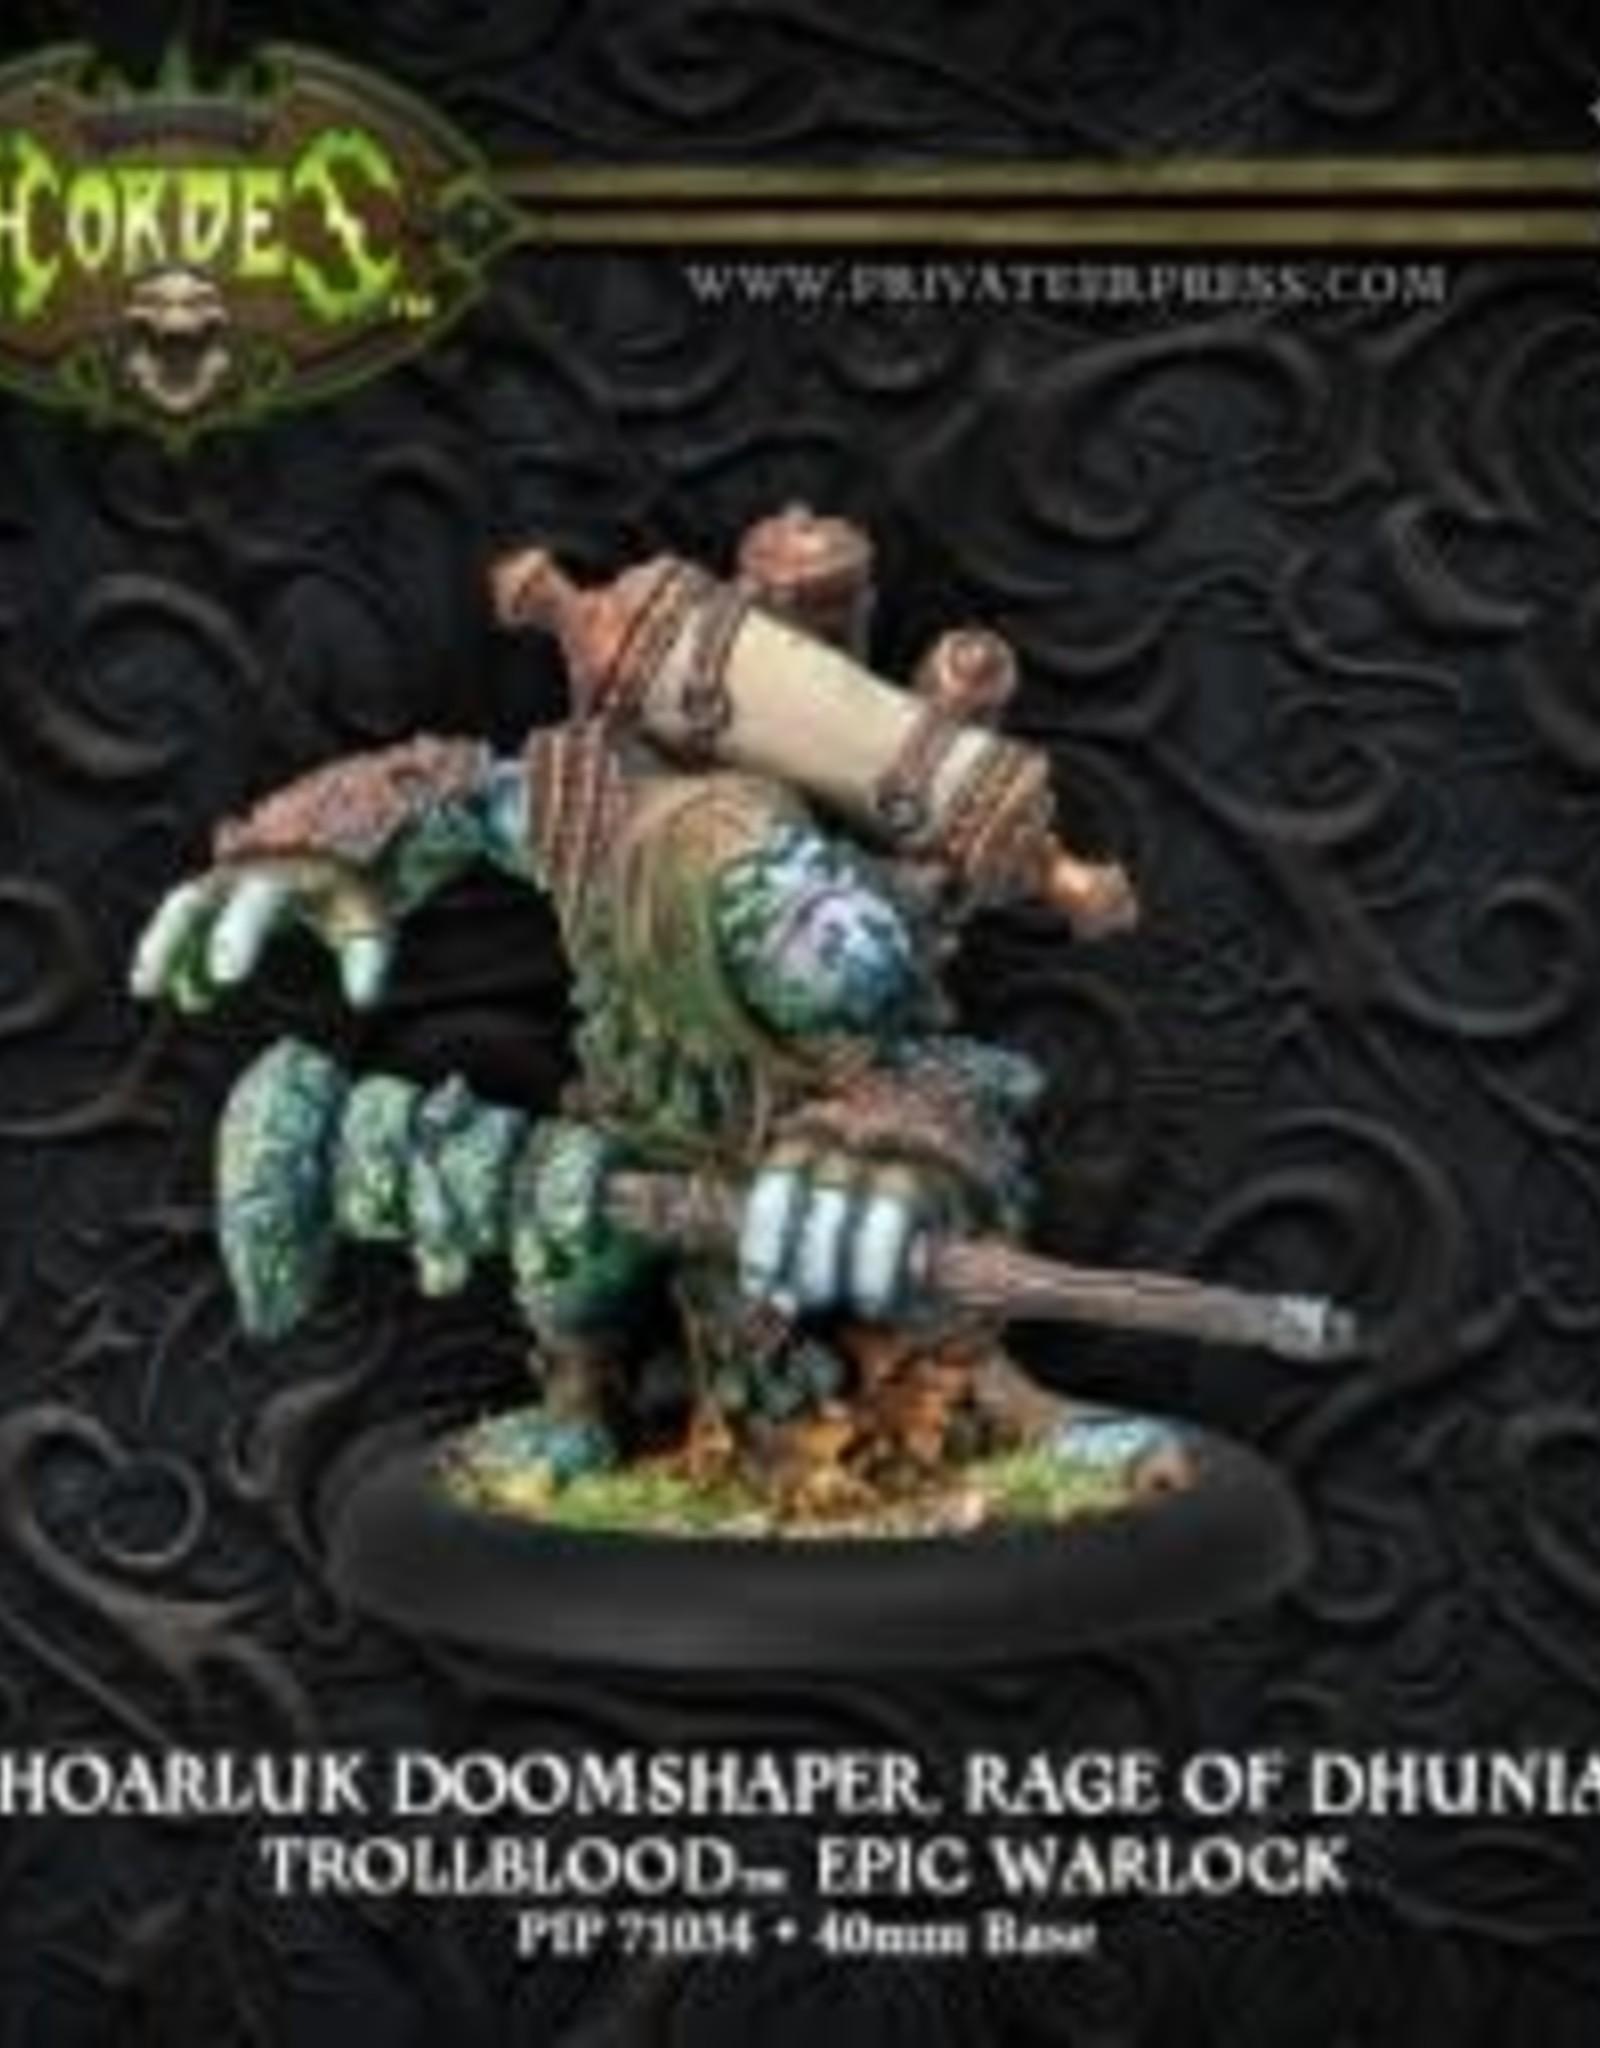 Hordes Trollbloods - Hoarluk Doomshaper Rage of Dhunia